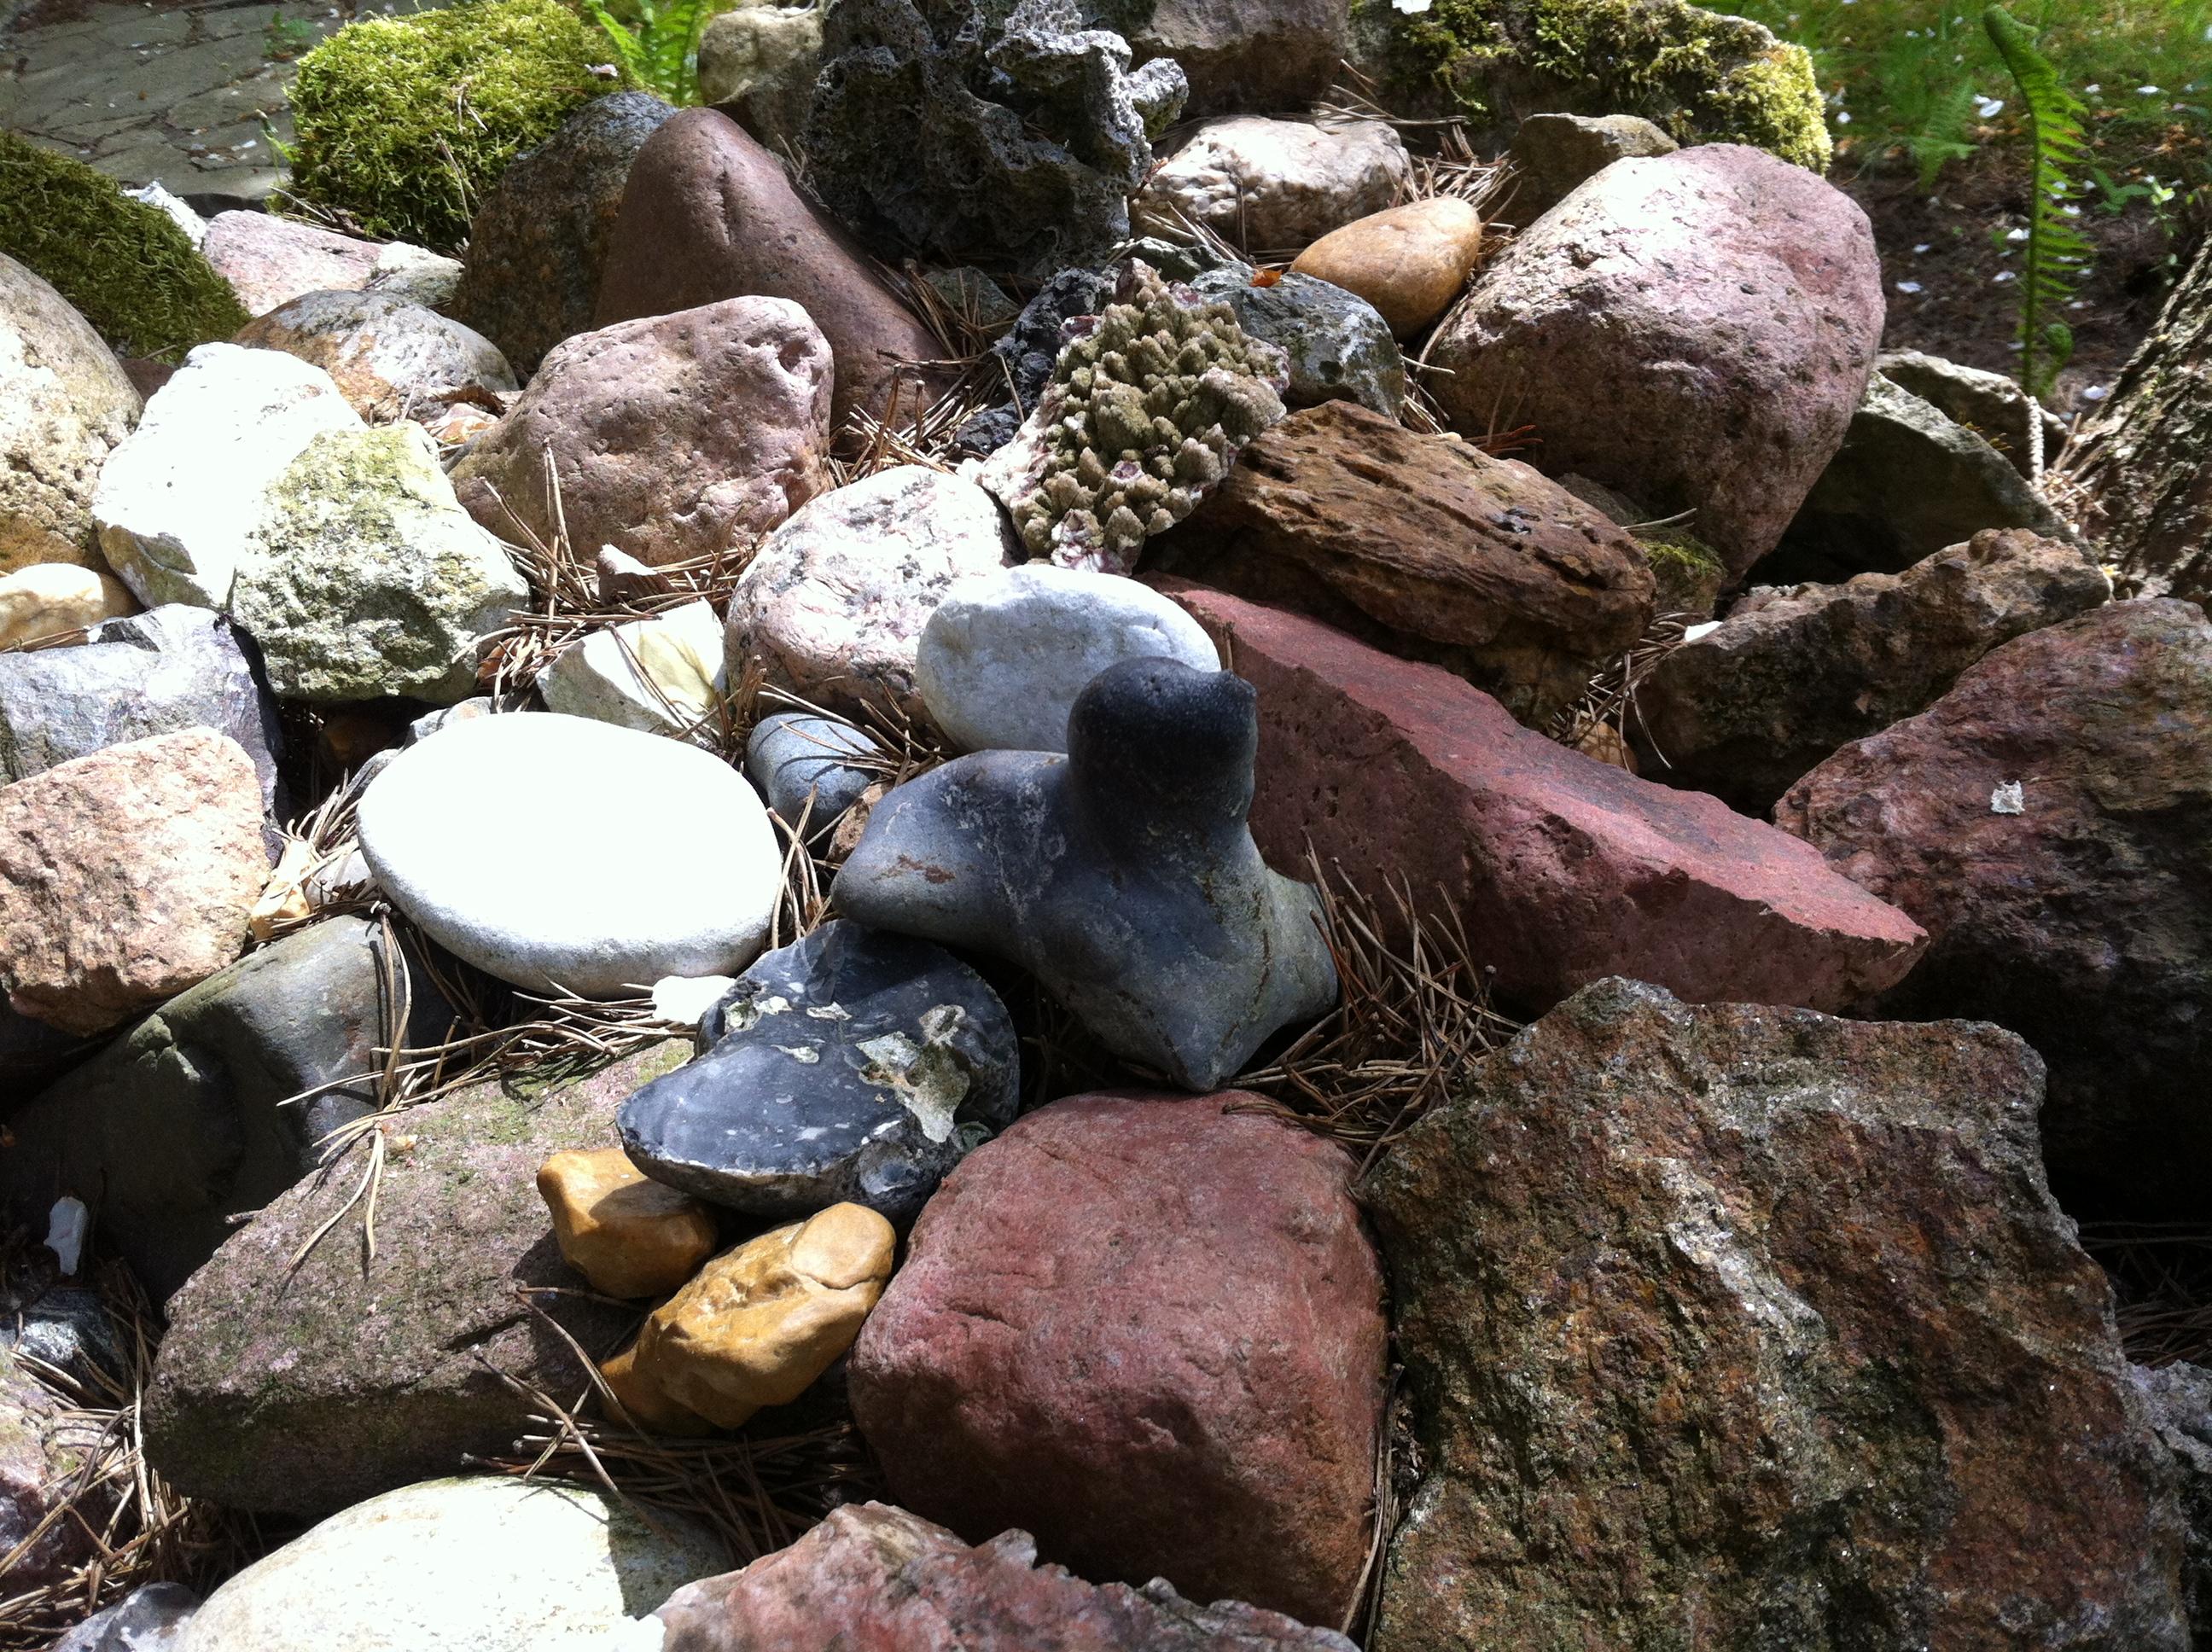 Wie eine kleine Robbe sieht der schwarze Stein aus.  Von allen Drehorten brachte sich der Schauspieler Steine mit